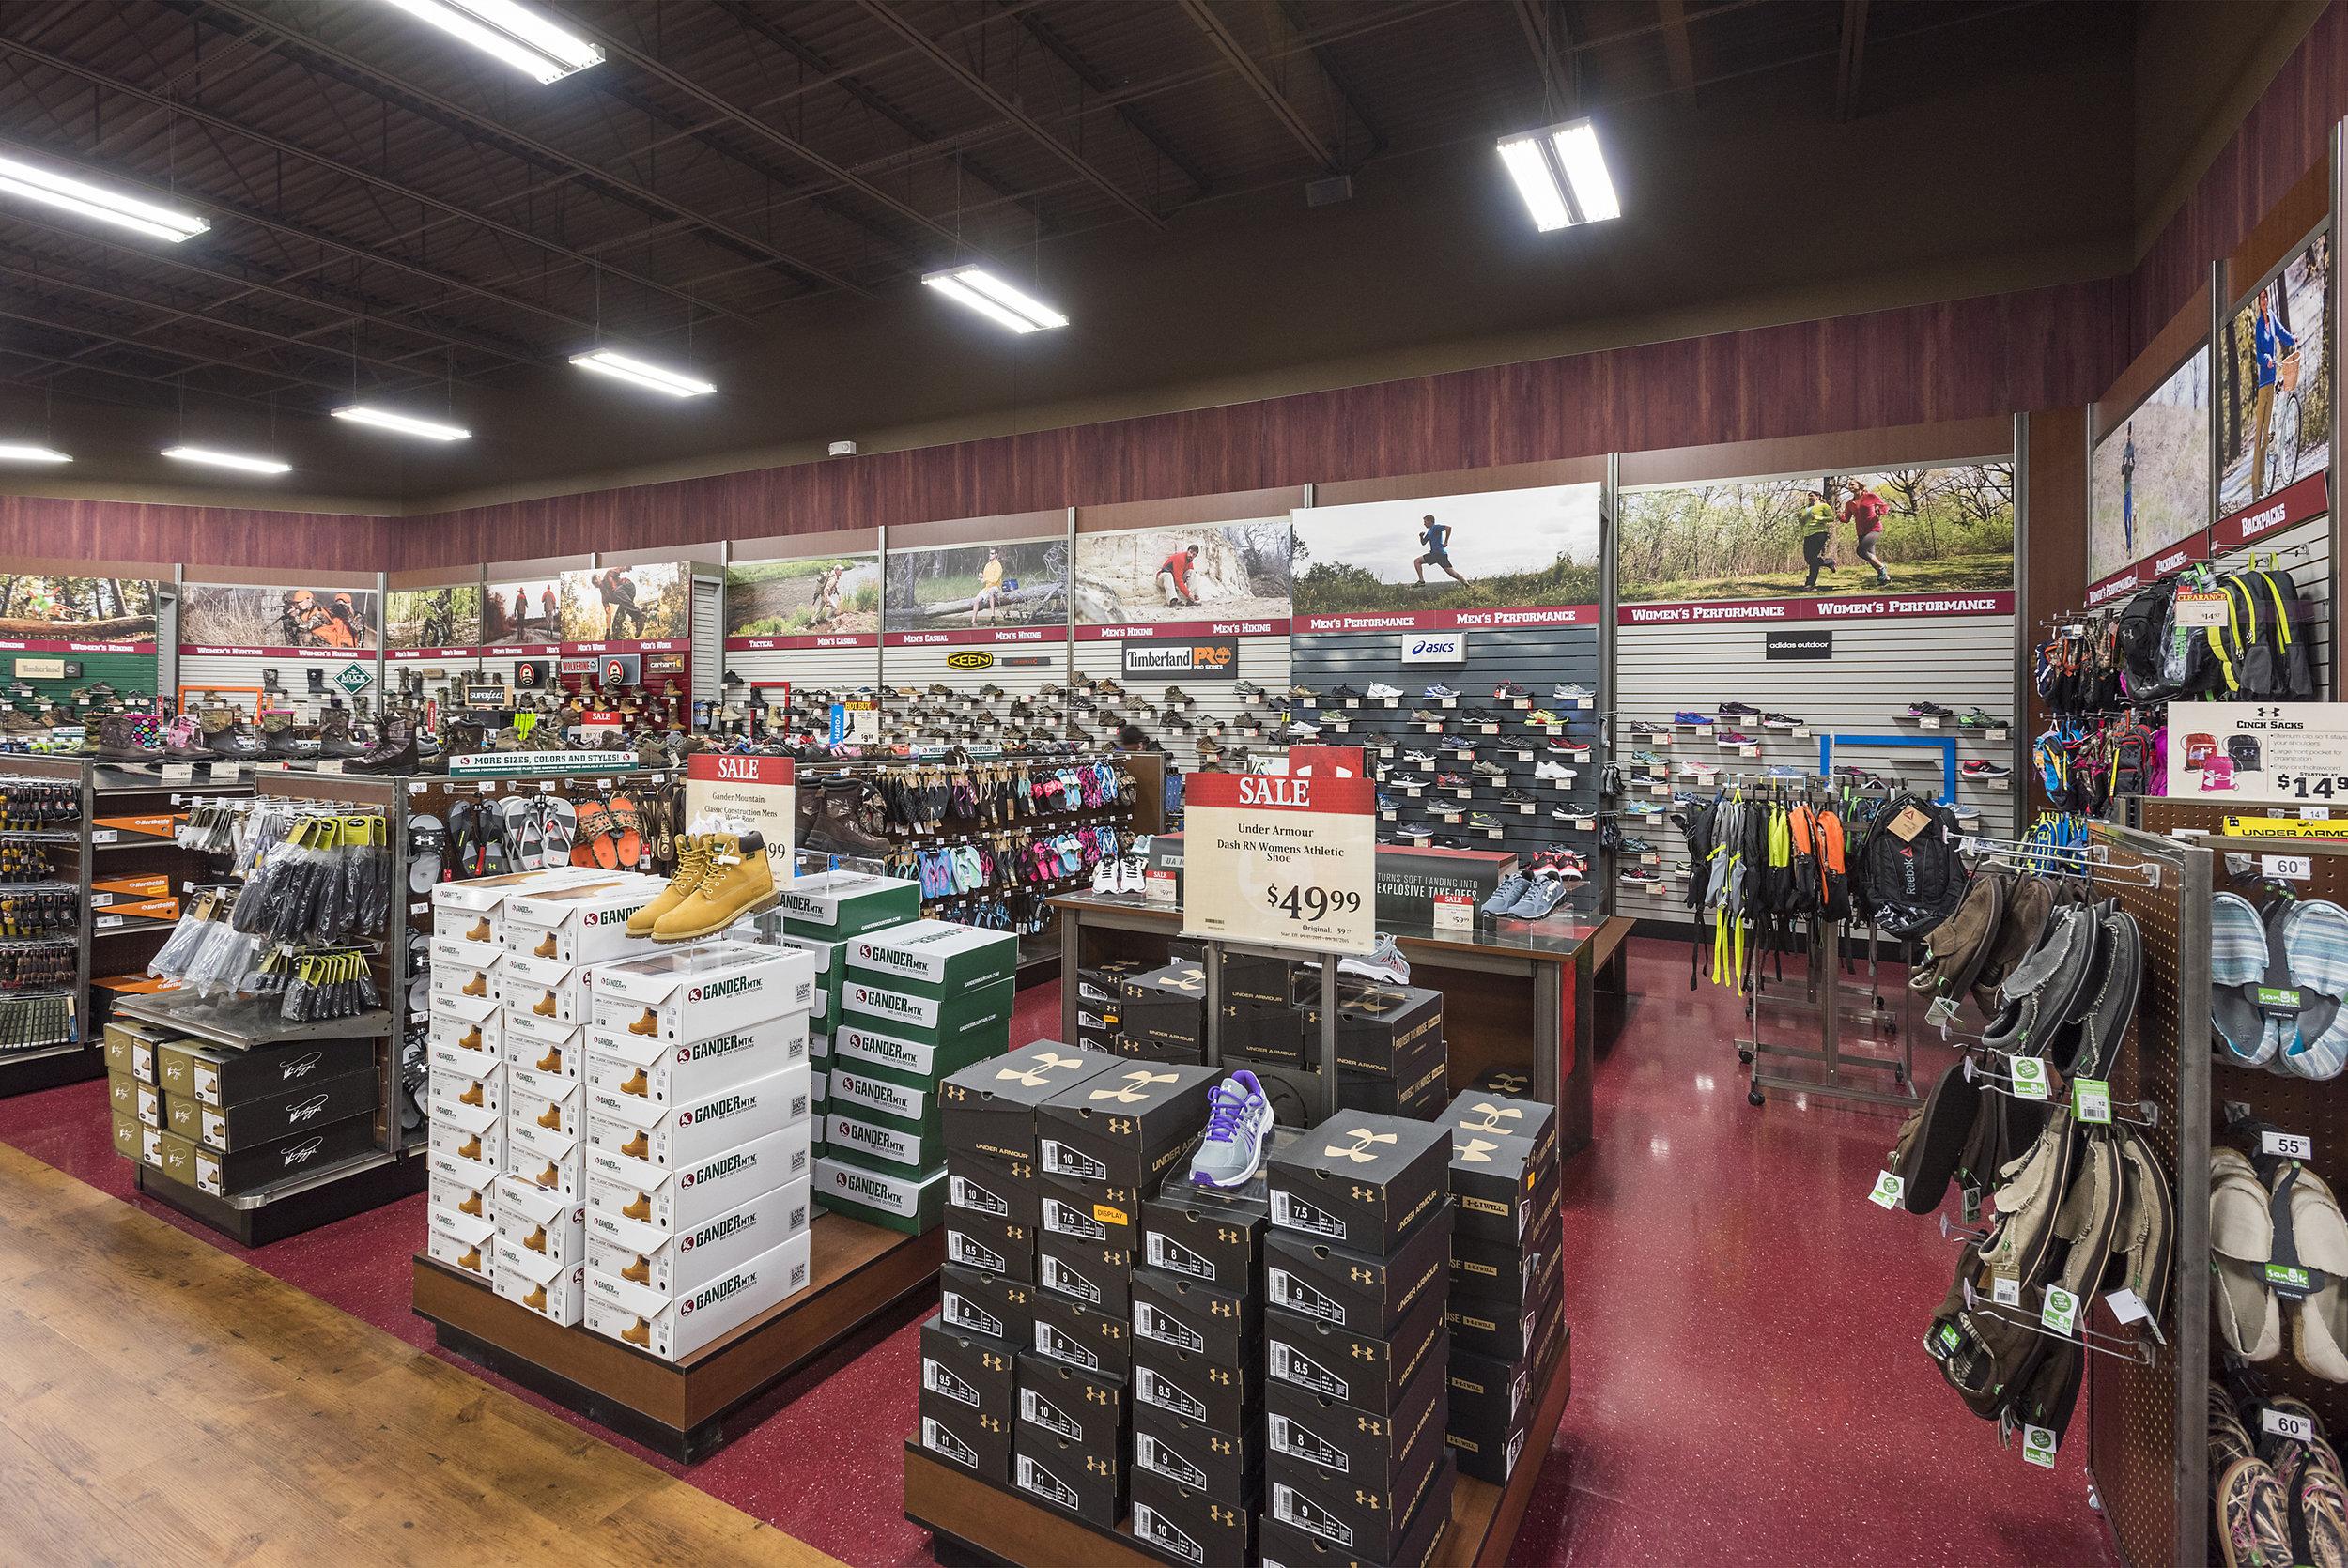 Footwear Department - Fixtures, Footwear Wall